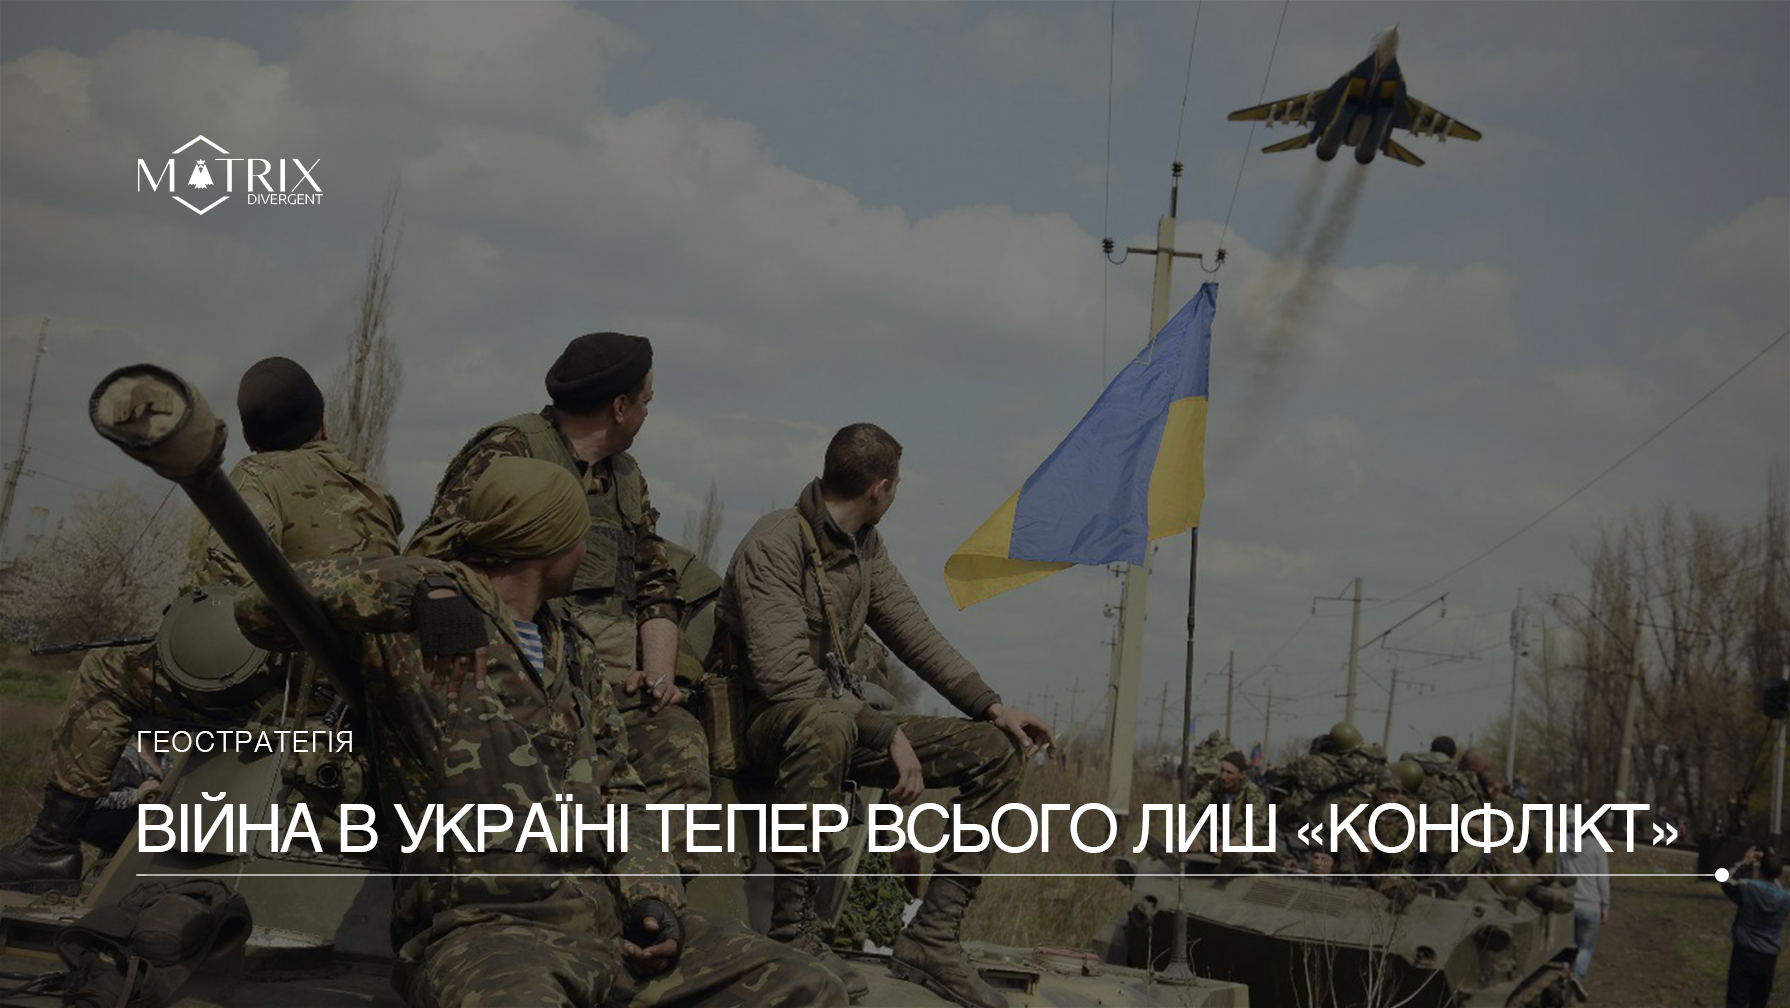 Геополітична крива України